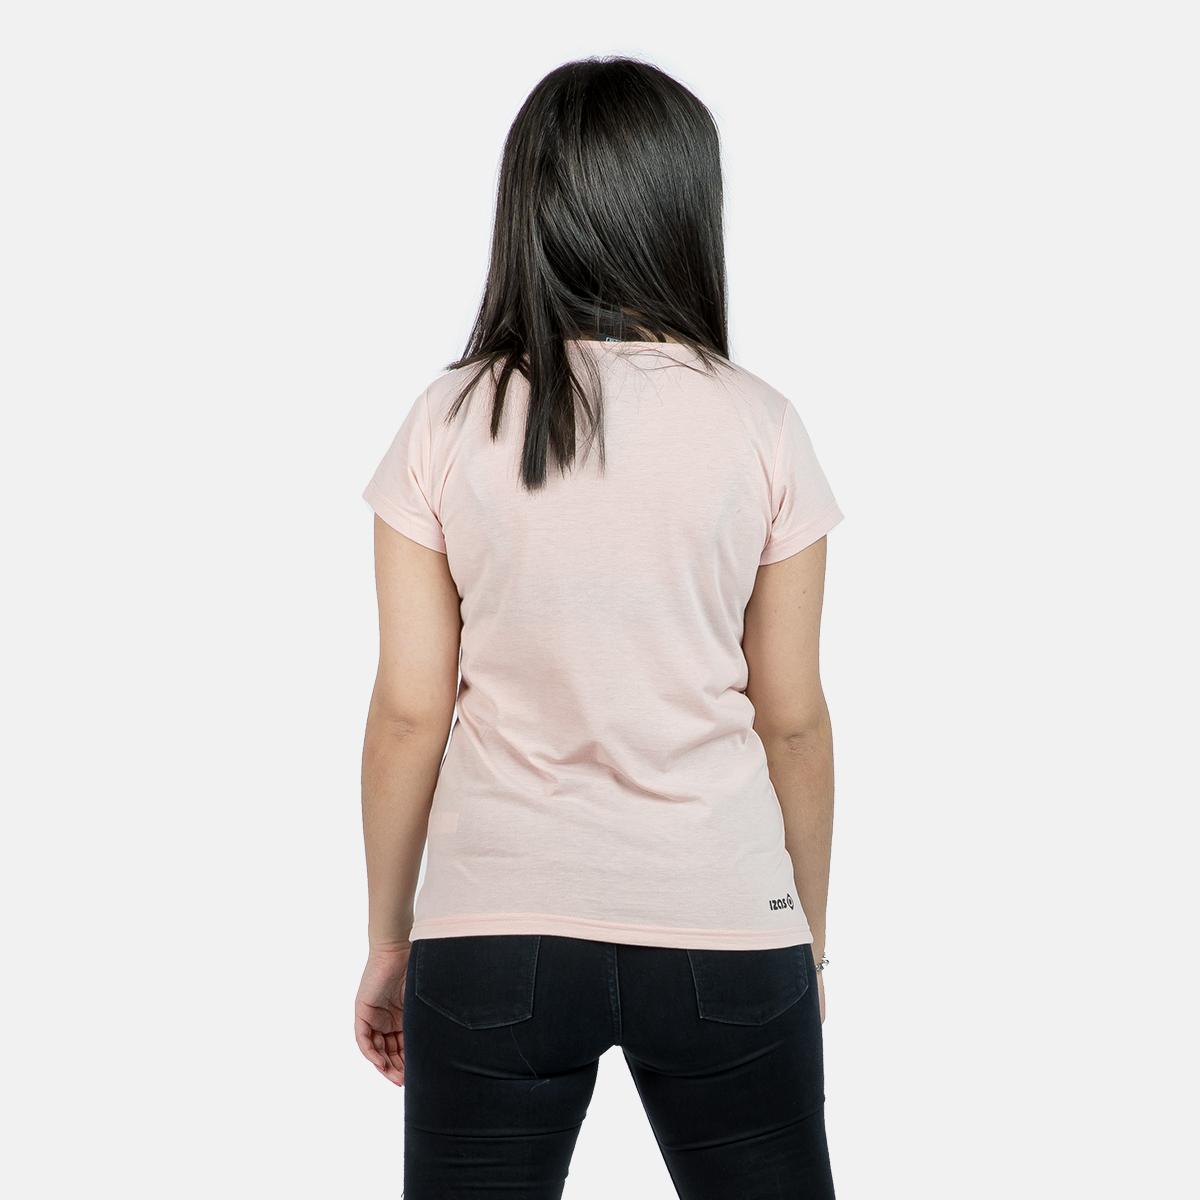 WOMAN'S SAS T-SHIRT PINK